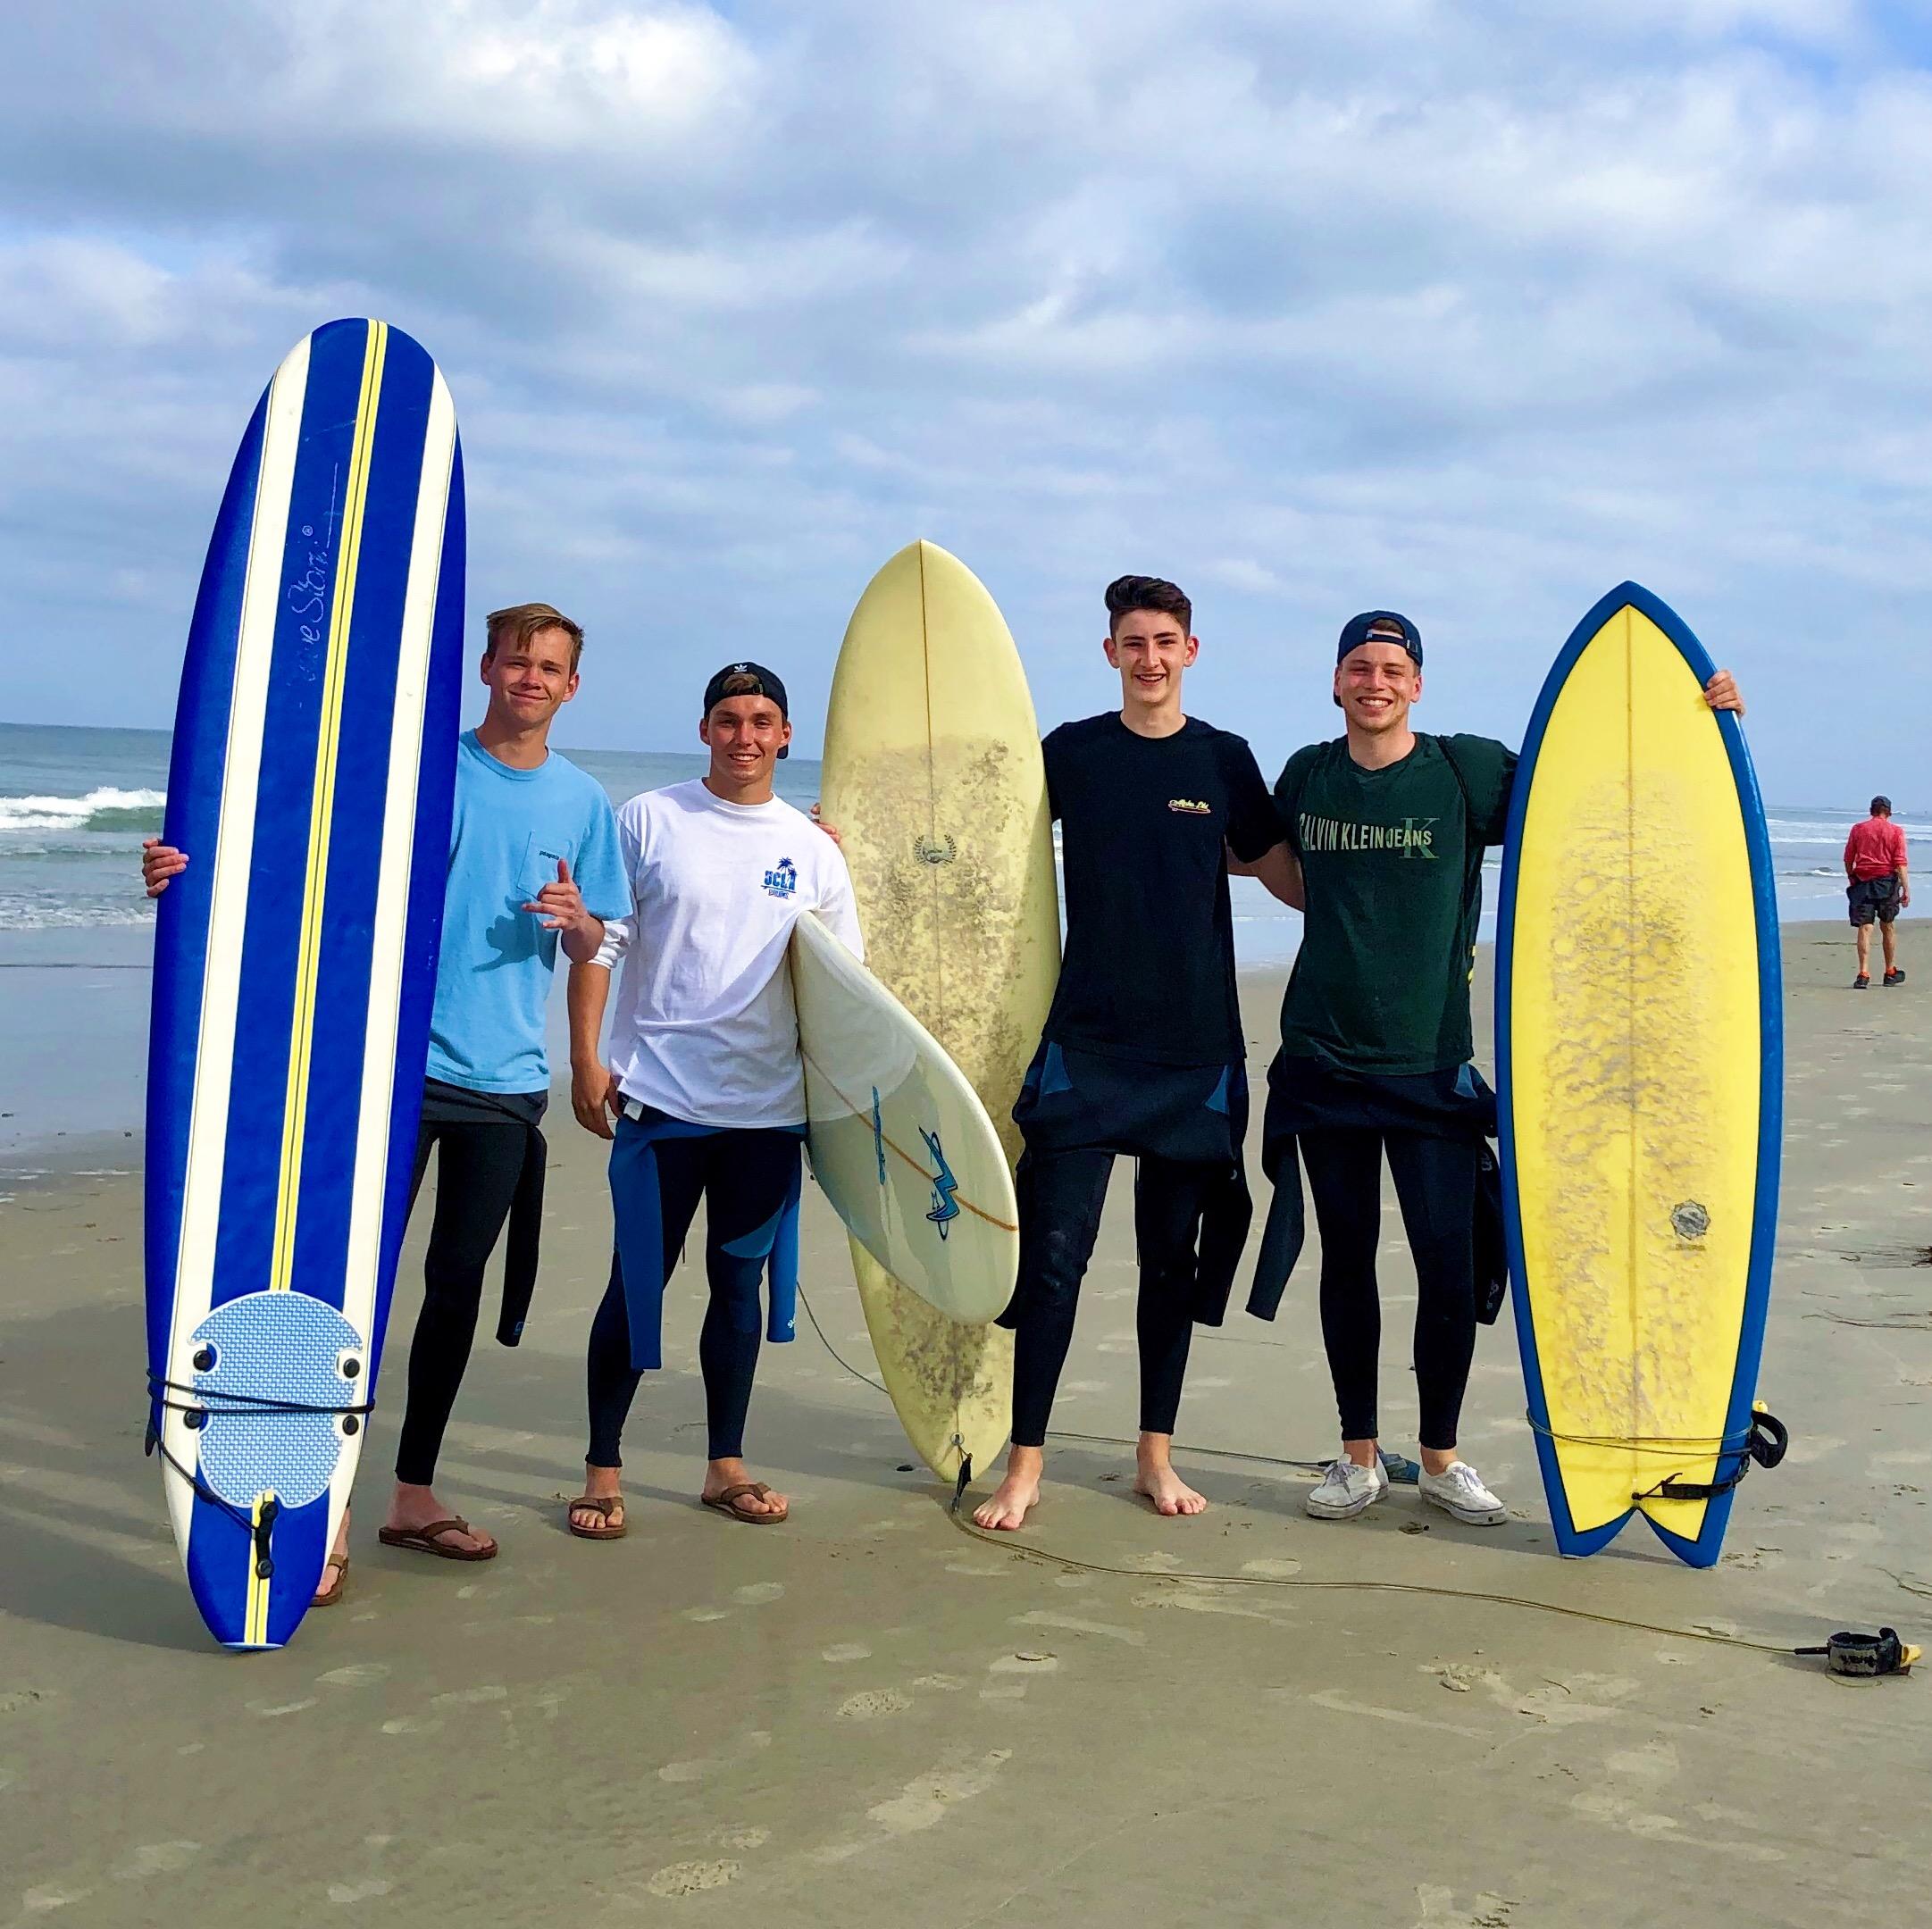 Surfing in SD